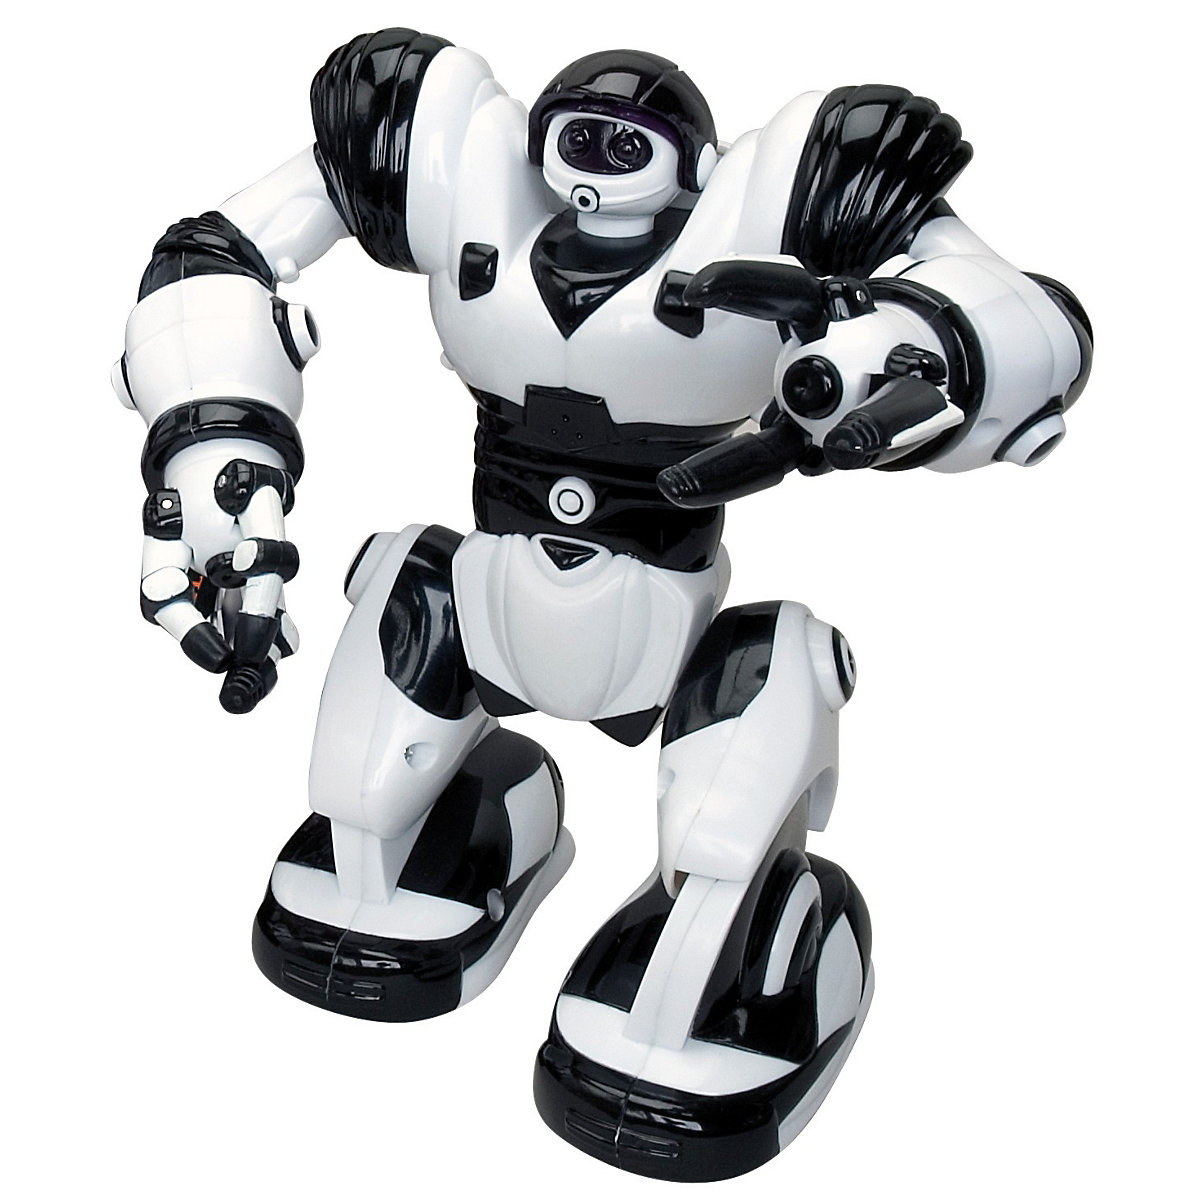 WowWee Robots & Accessories1 1525809 intellectuelle télécommande jouets robotique technologie jeu pour garçons jouet